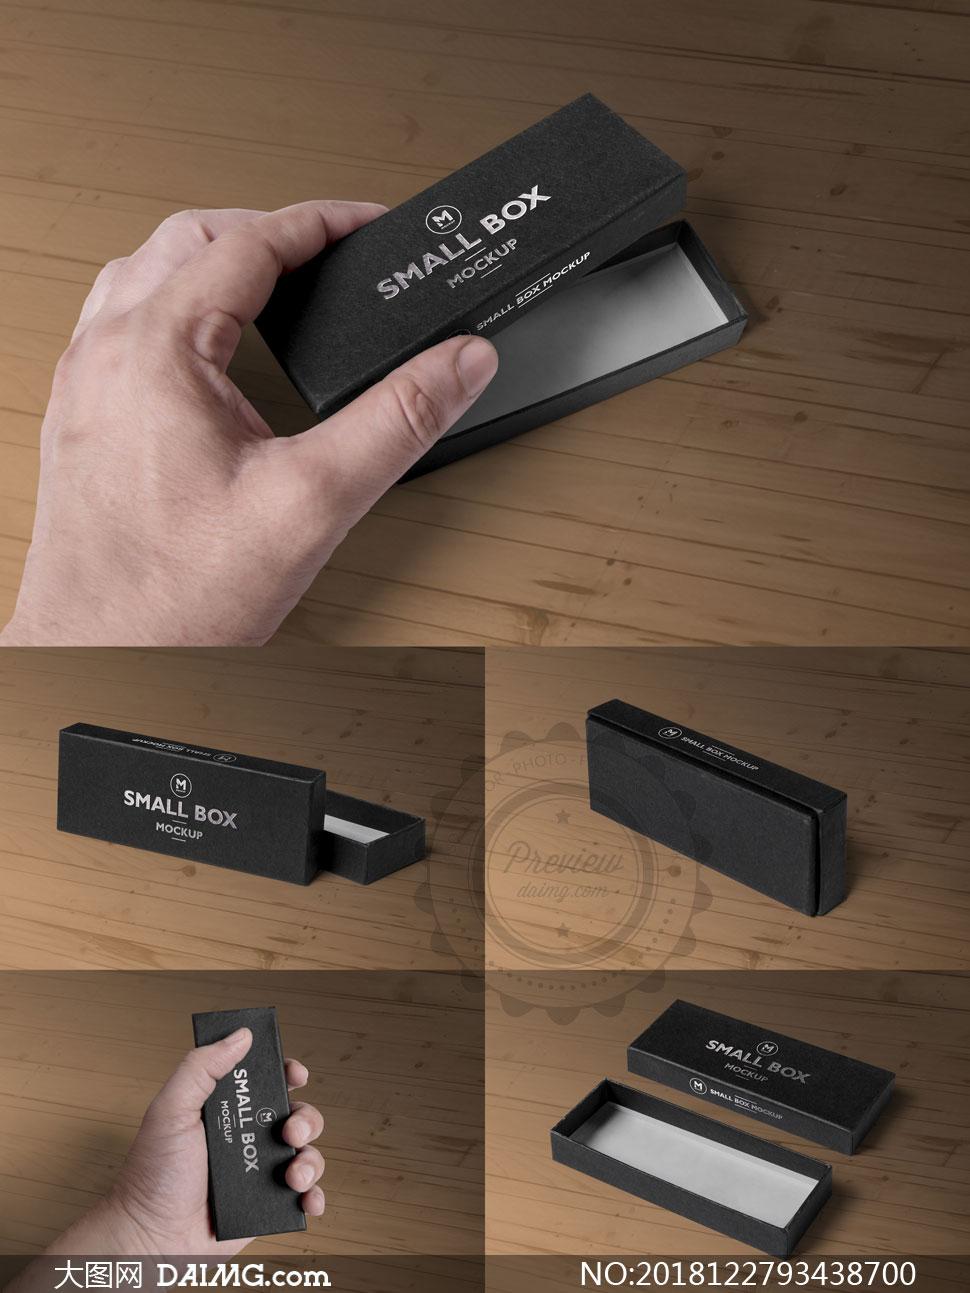 可单手握持的包装盒应用效果源文件